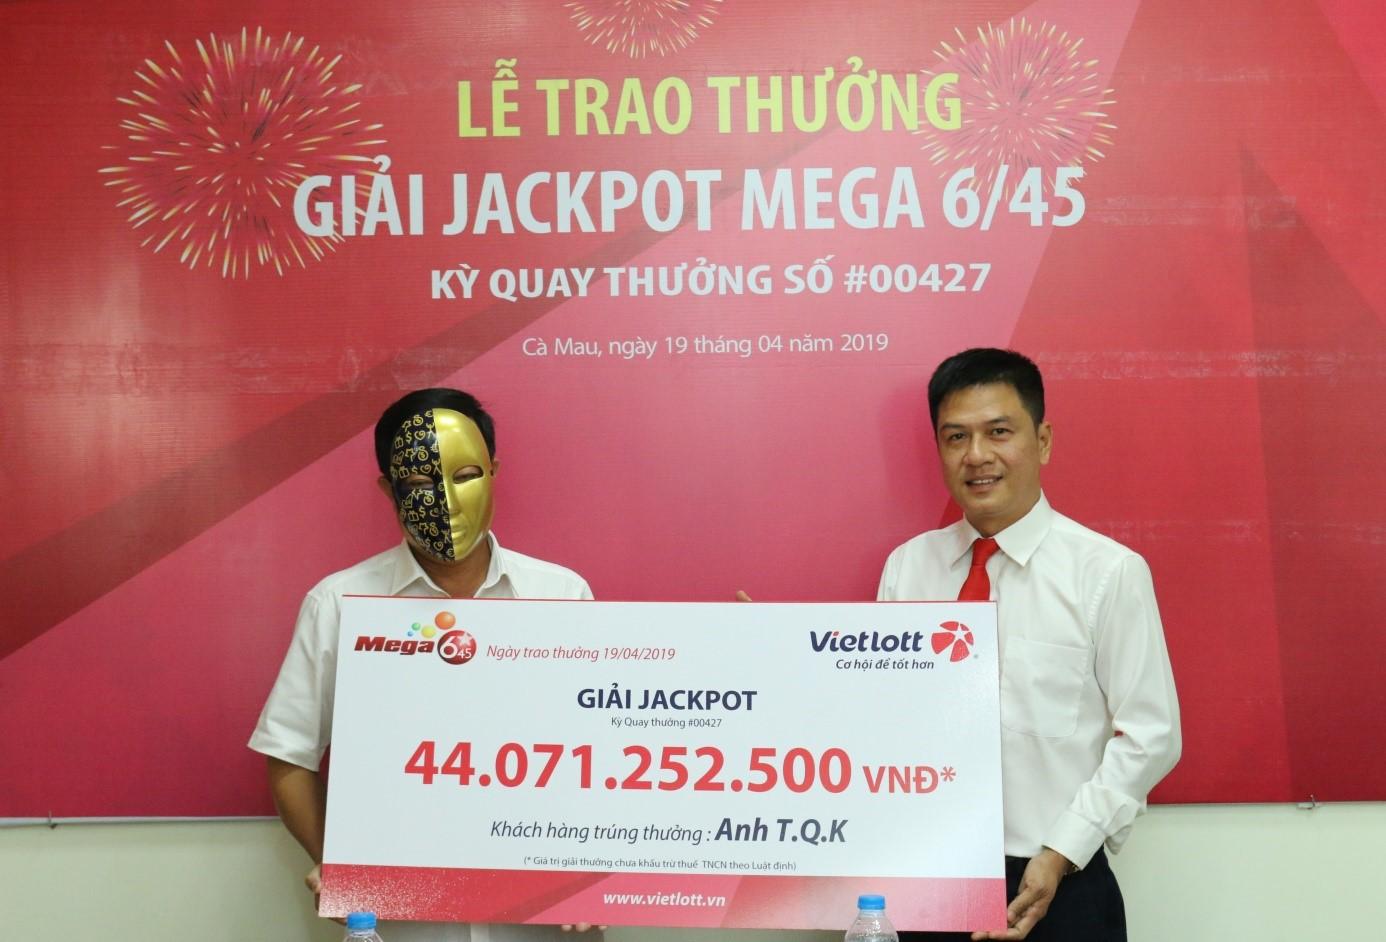 Vietlott trao giải jackpot Mega 6/45 trị giá 44 tỉ đồng - Ảnh 1.